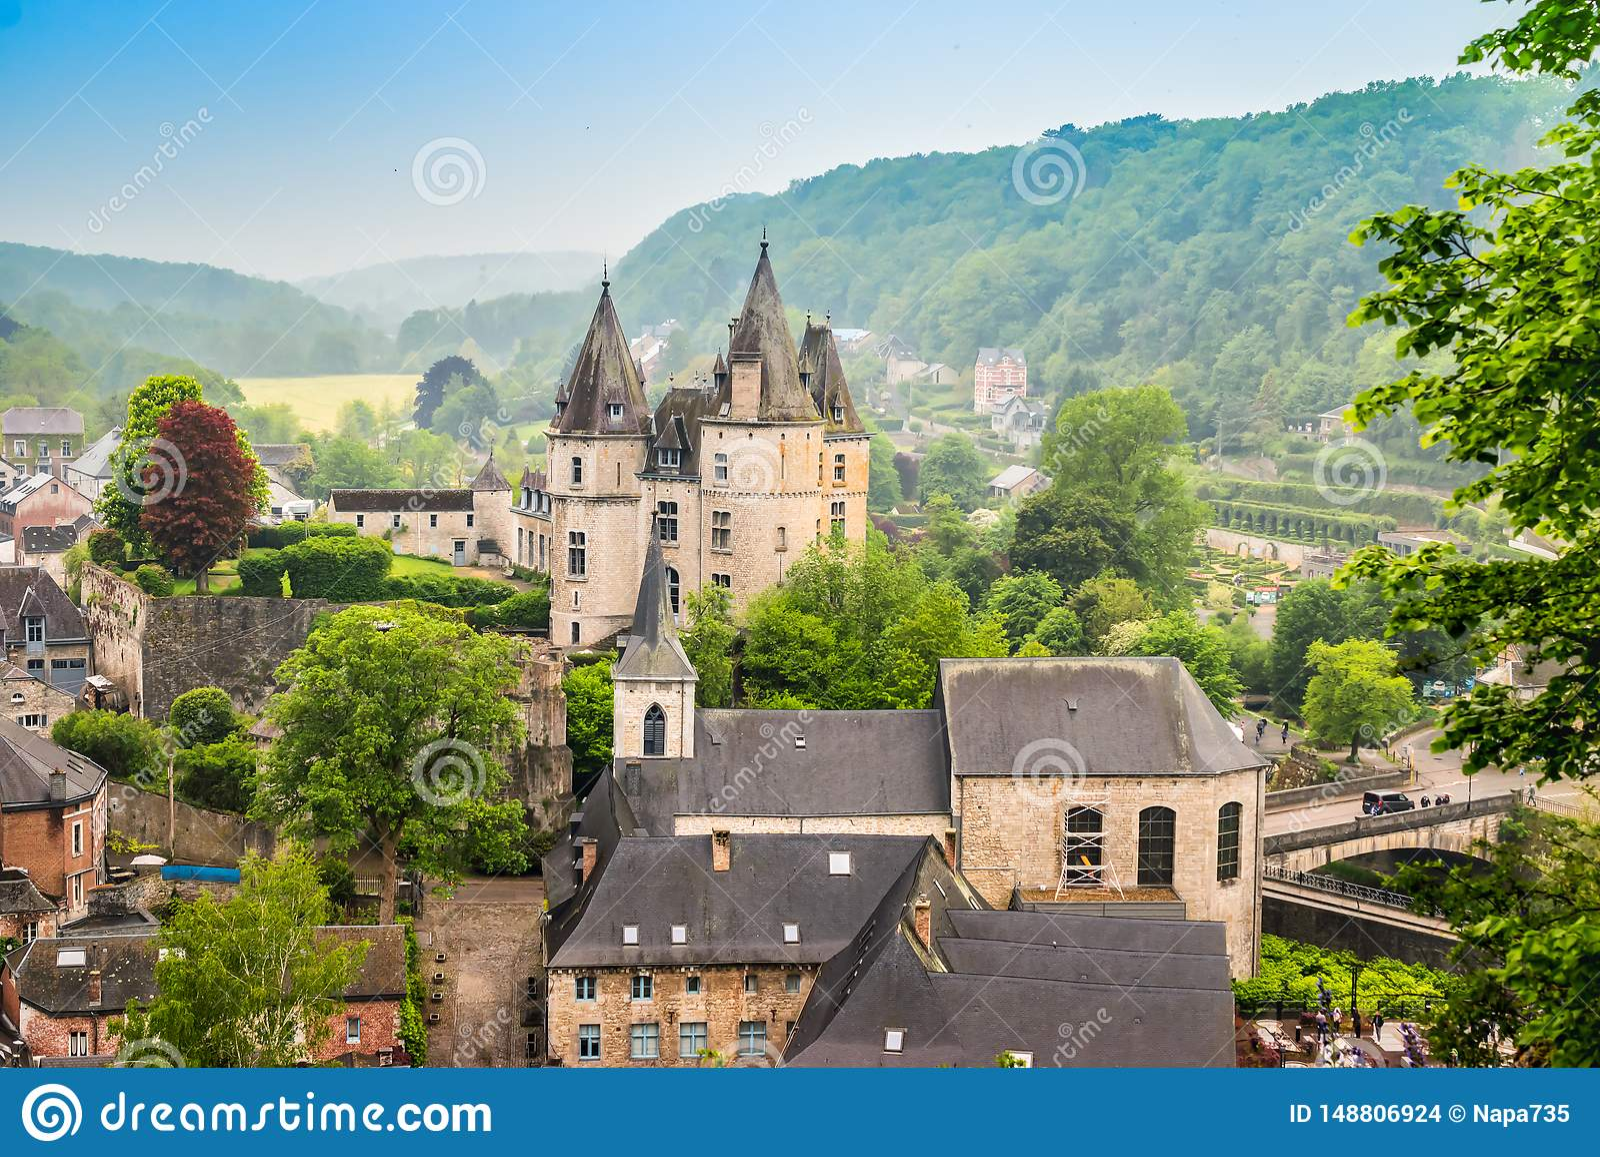 迪尔比伊,卢森堡比利时省的华隆人的城市  美丽的中世纪城堡在市中心